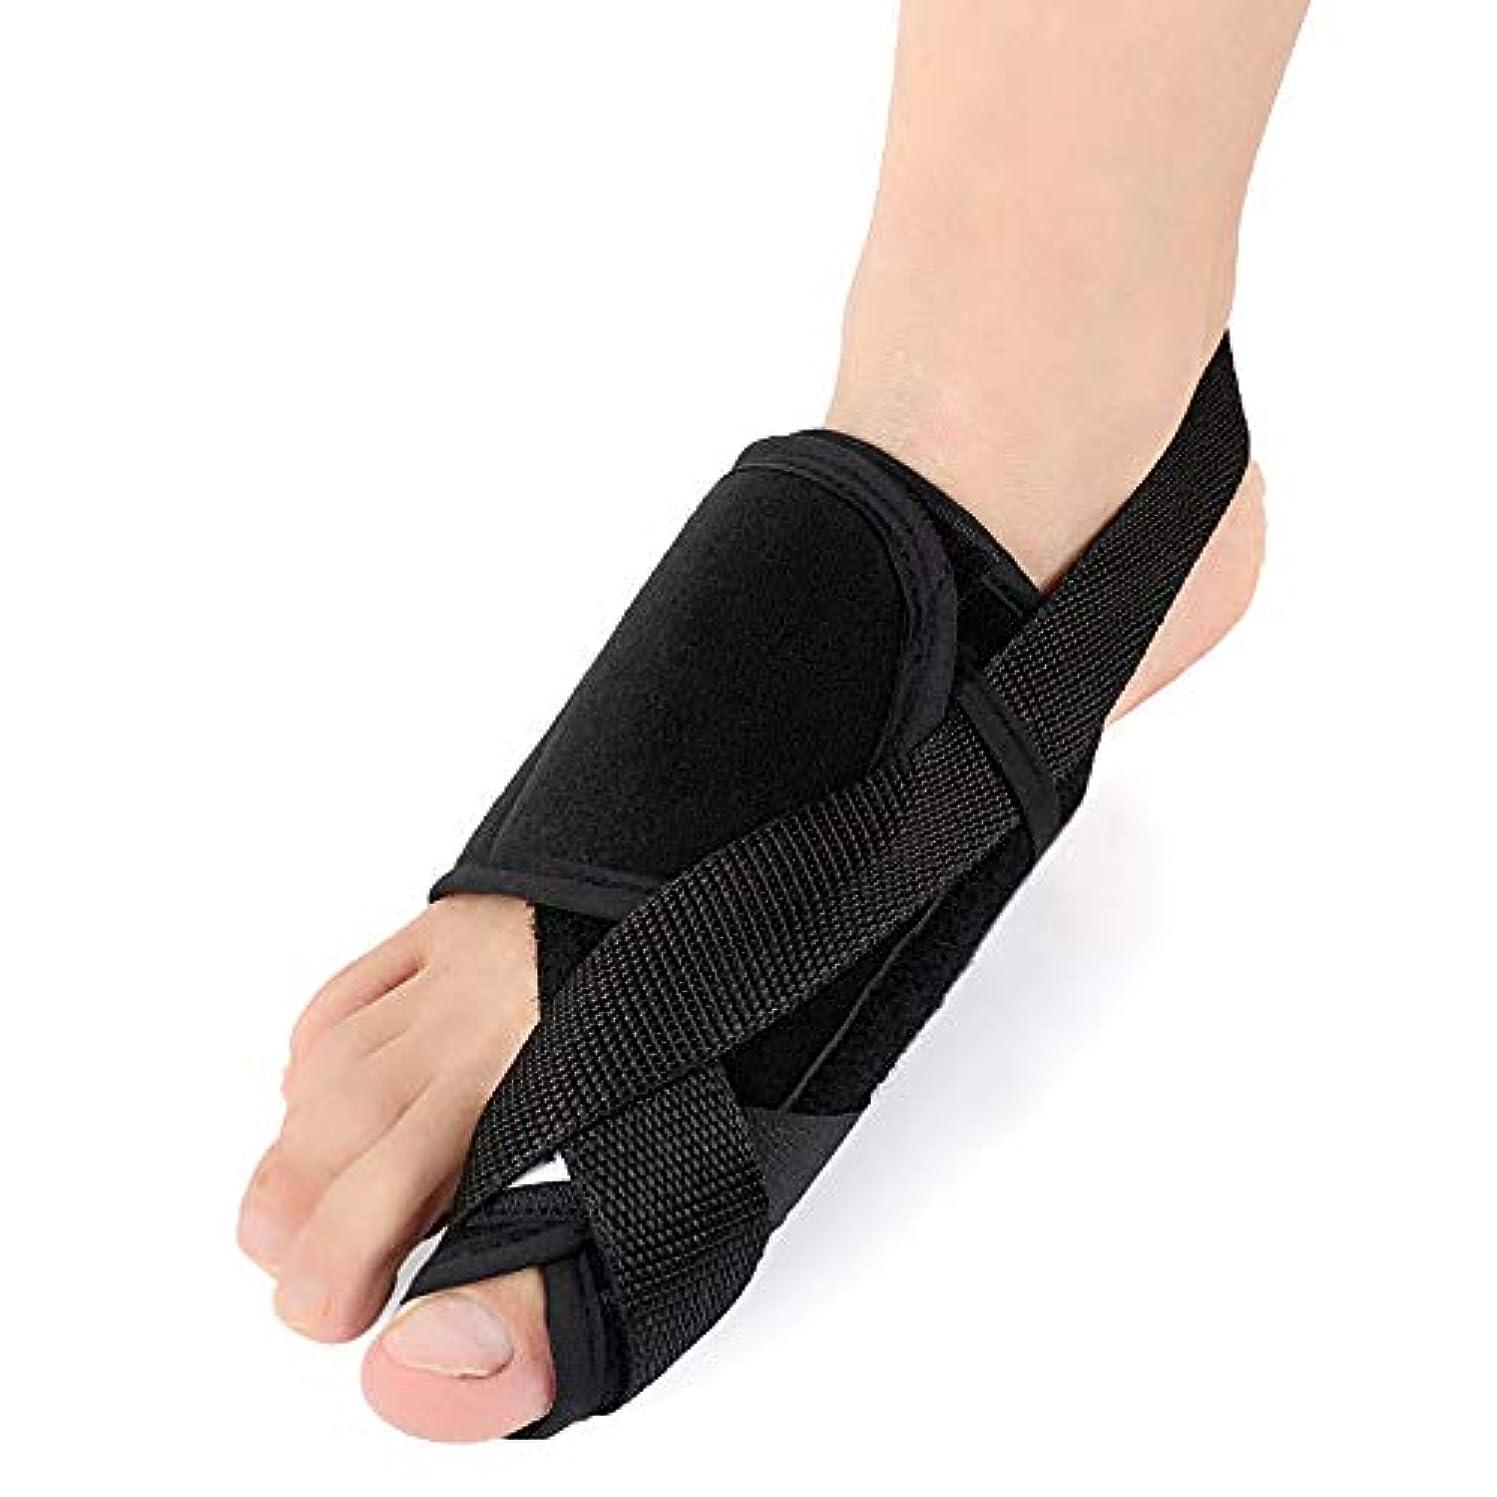 幻想堂々たる現象外反母趾足指セパレーターは足指重複嚢胞通気性吸収汗を防ぎヨガ後の痛みと変形を軽減,S